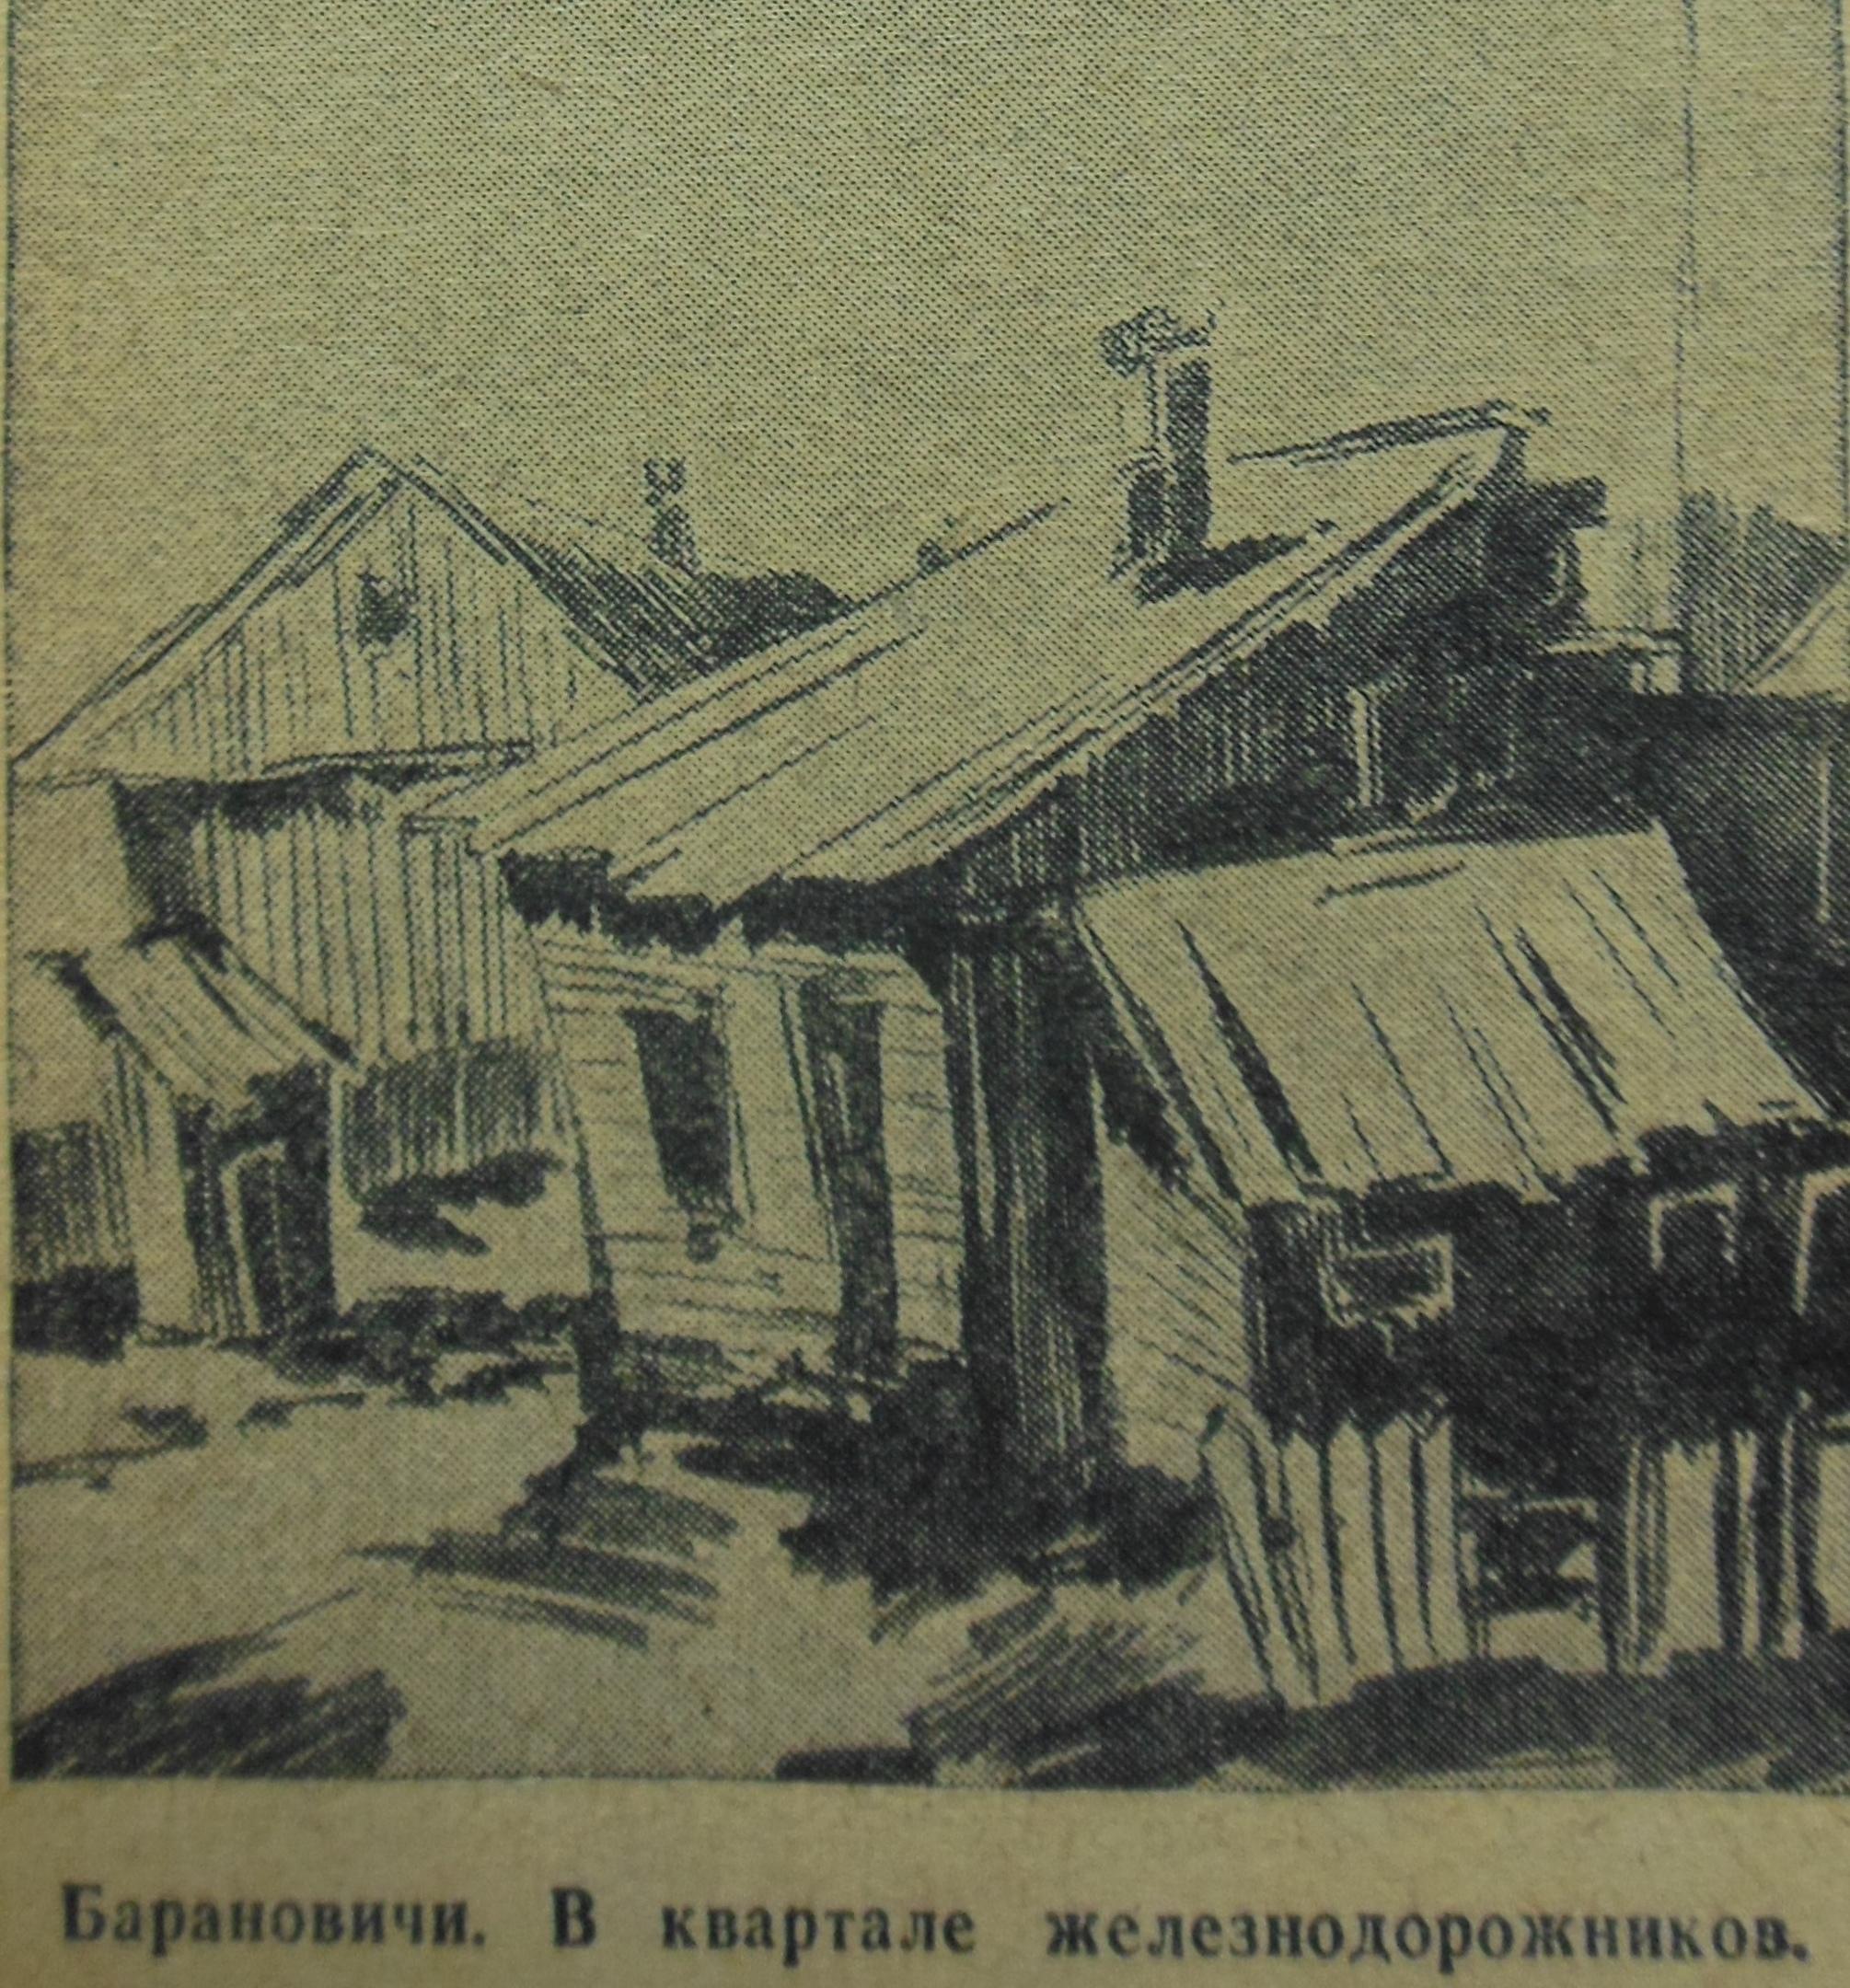 Барановичи. В квартале железнодорожников. Рисунок художника Б. Васильева.